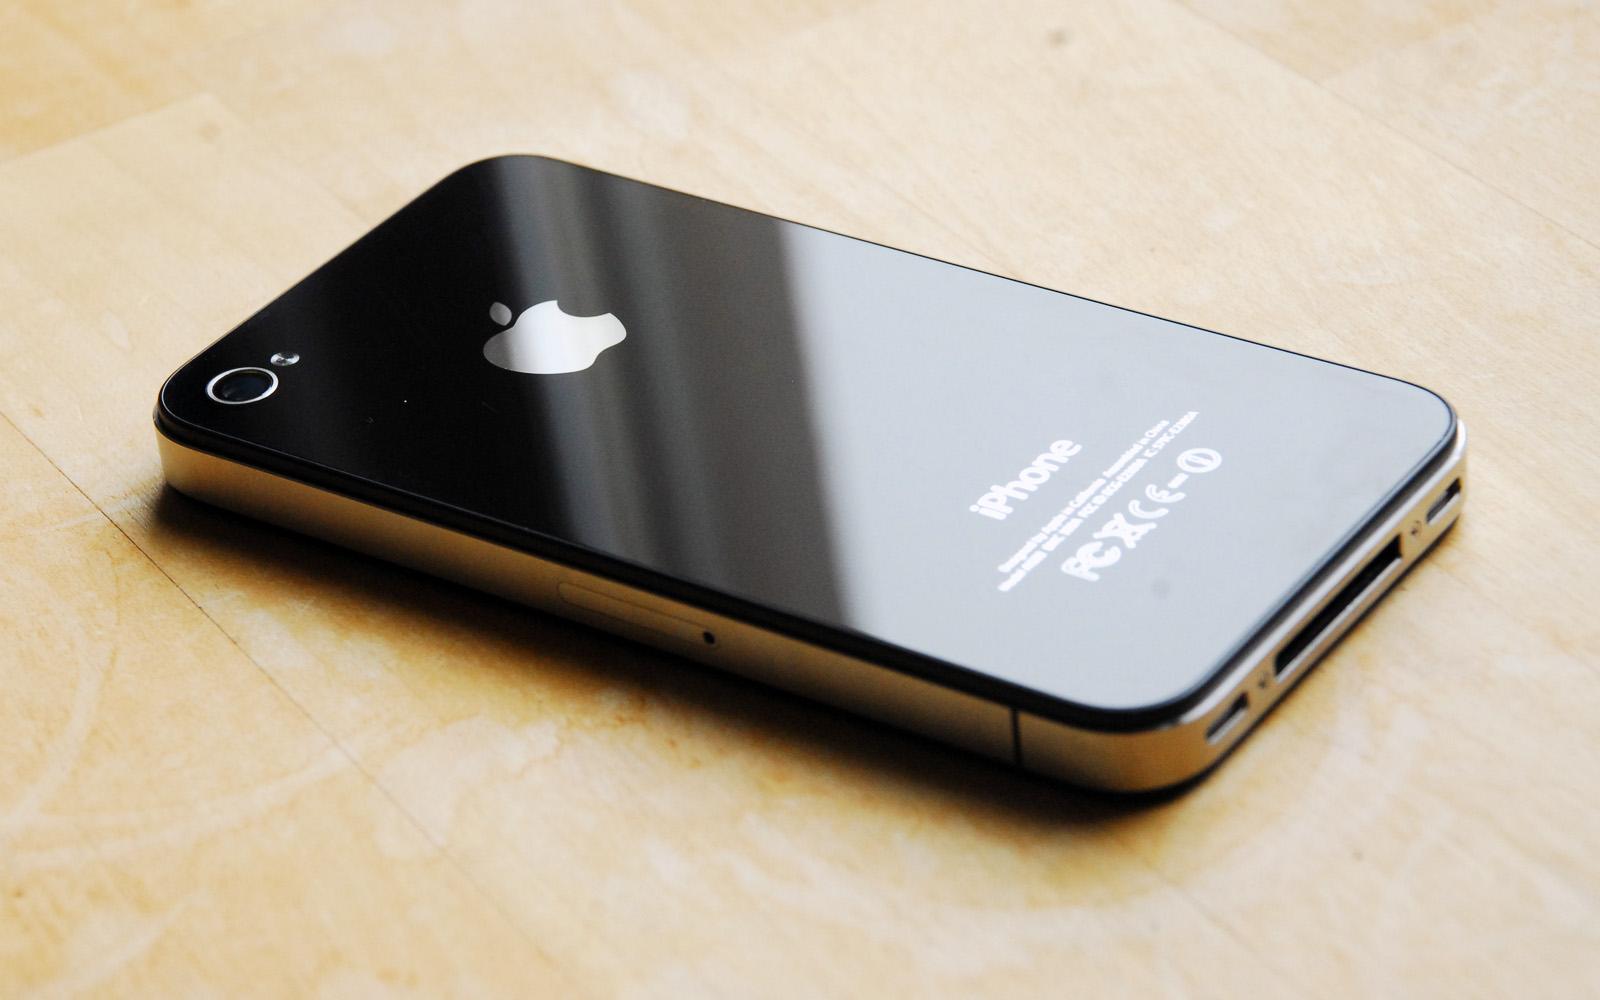 无言!手机后壳材质演进回顾:原来苹果 8 竟炒了自己的冷饭_凤凰资讯